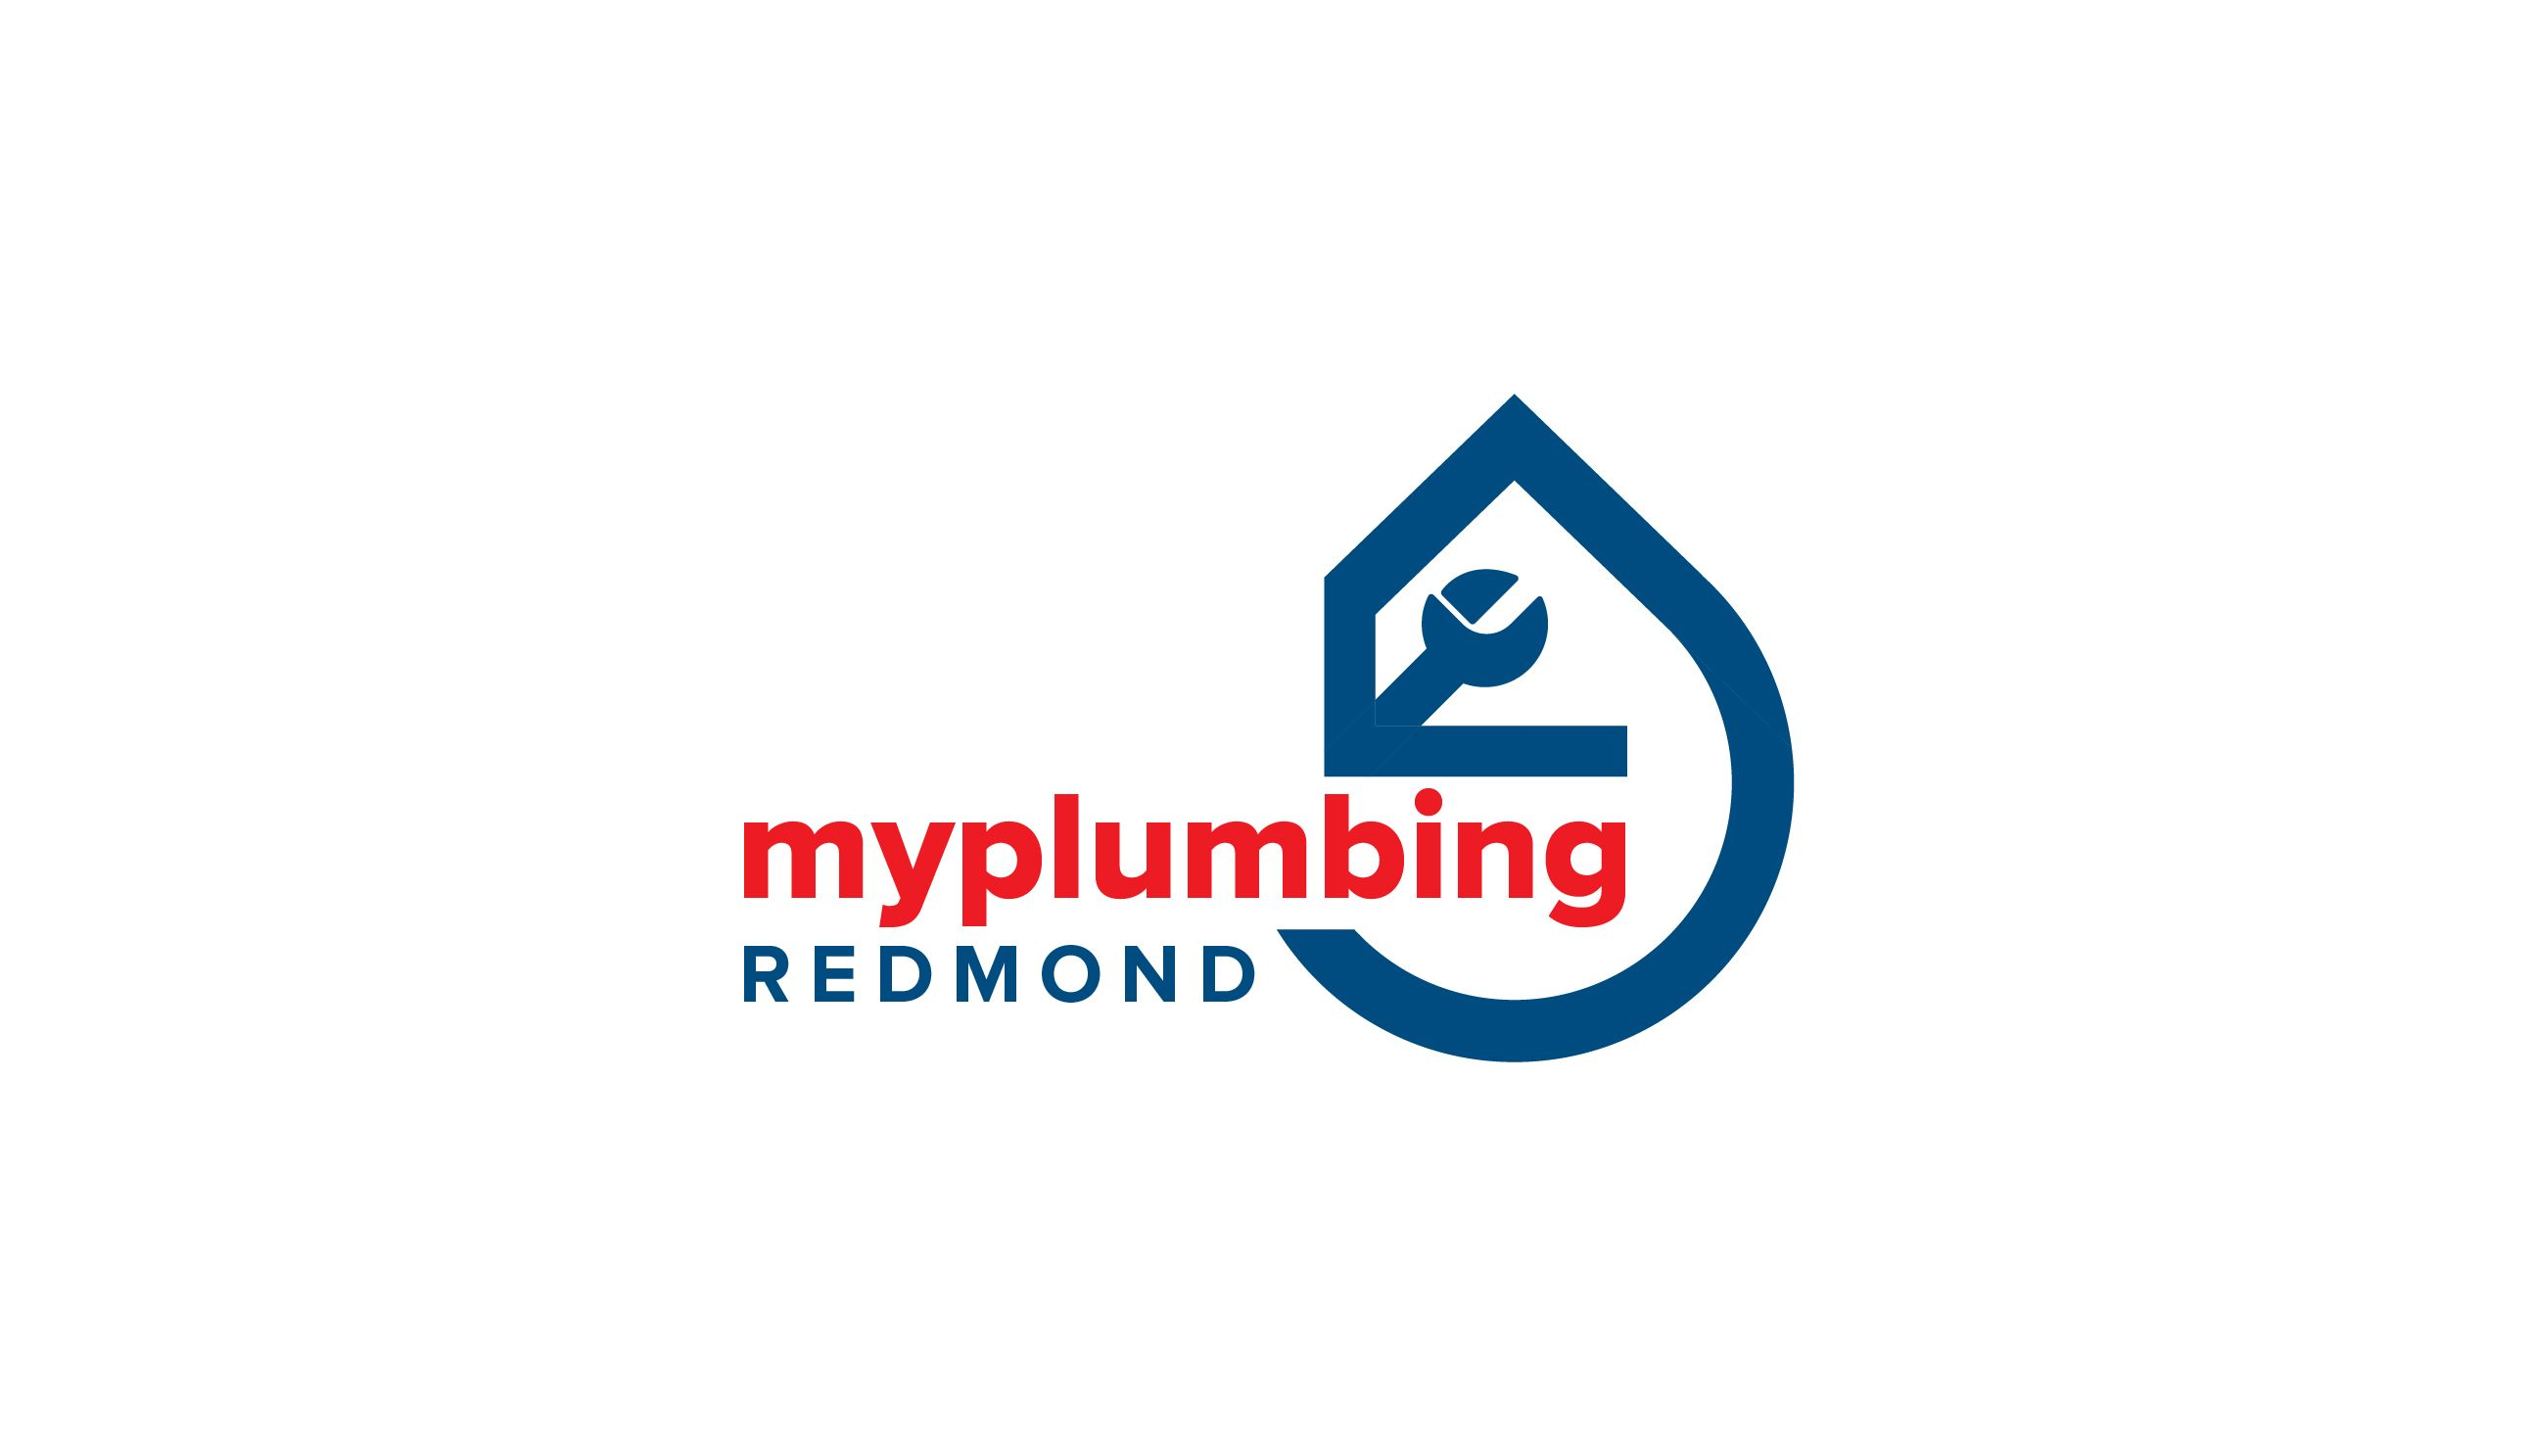 My Plumbing Redmond